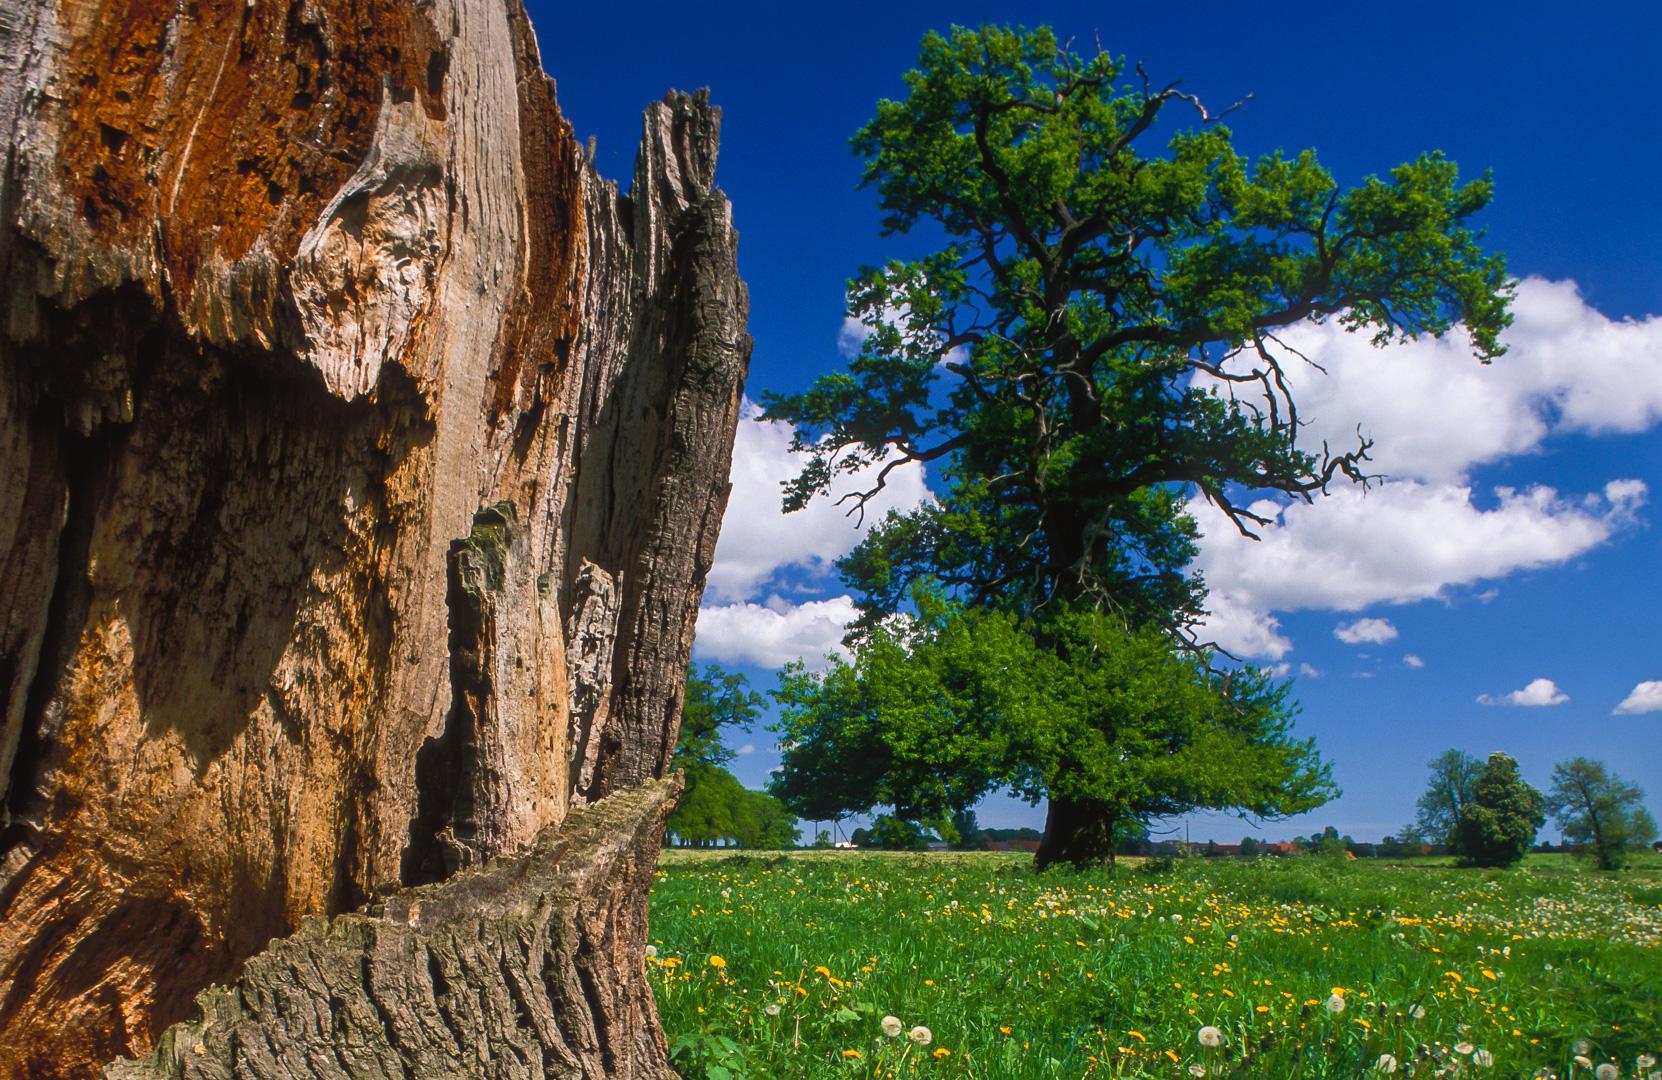 Sommerwiese mit alten Eichen in Brandenburg